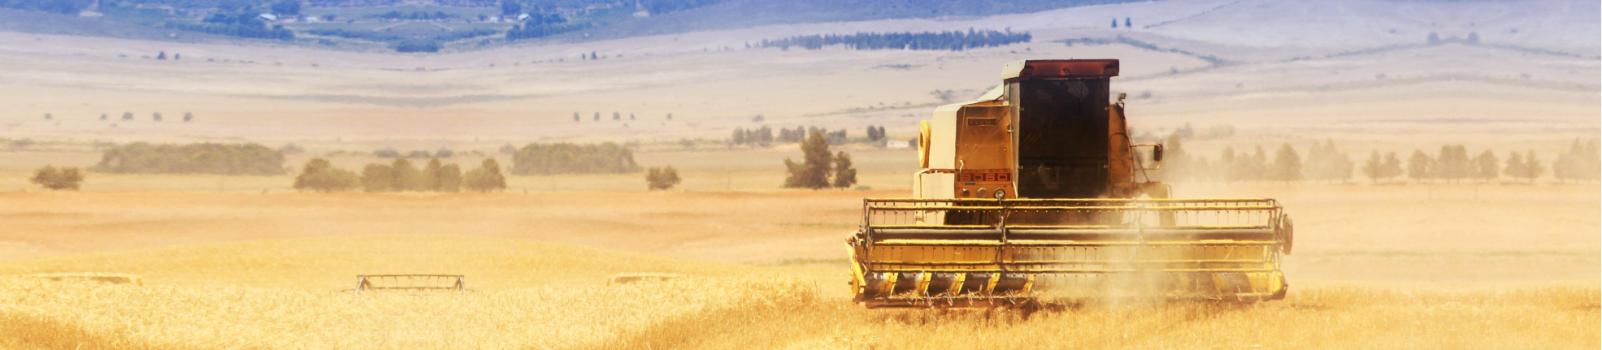 Harvester Delportshoop Delportshoop